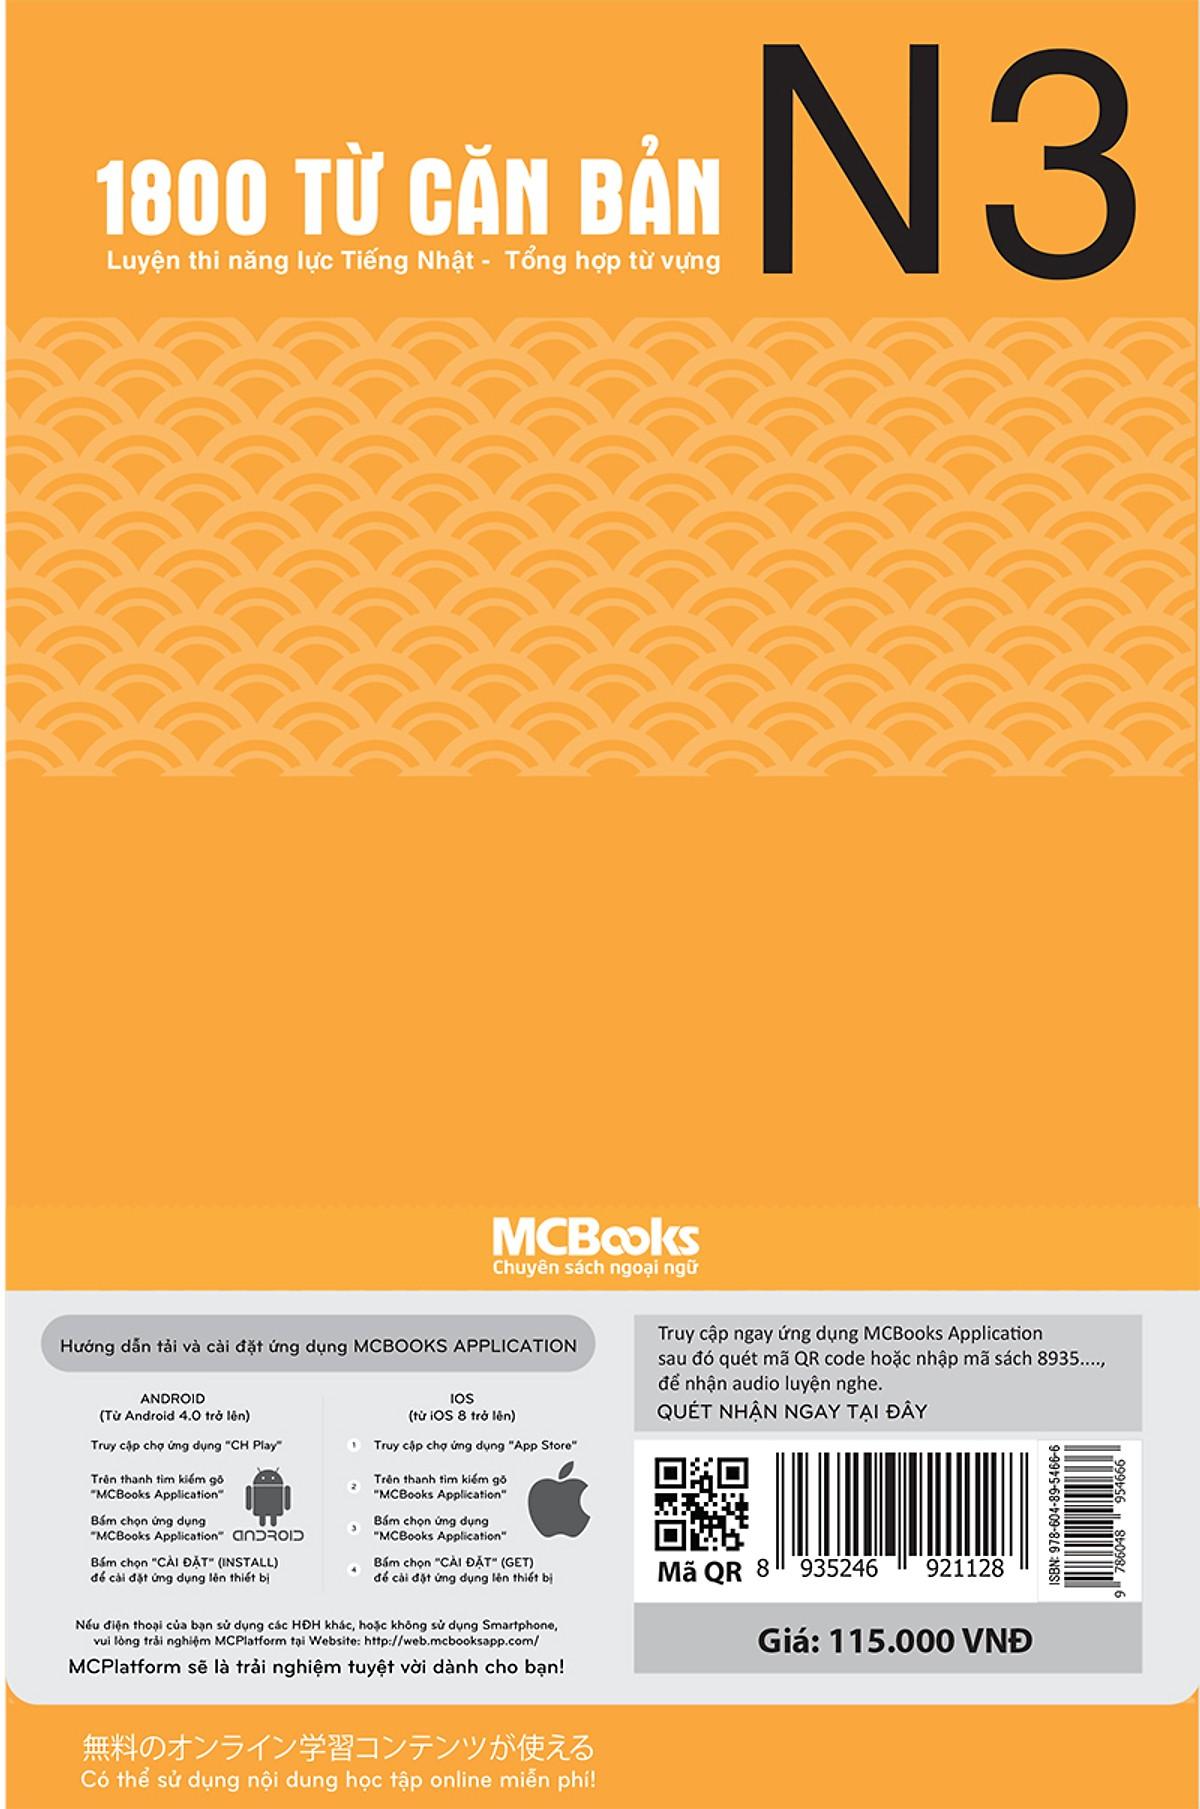 Luyện Thi Năng Lực Tiếng Nhật Tổng Hợp 1800 Từ Vựng N3 (Học Kèm App: MCBooks Application) (Tặng Kèm Bút Hoạt Hình Cực Xinh)